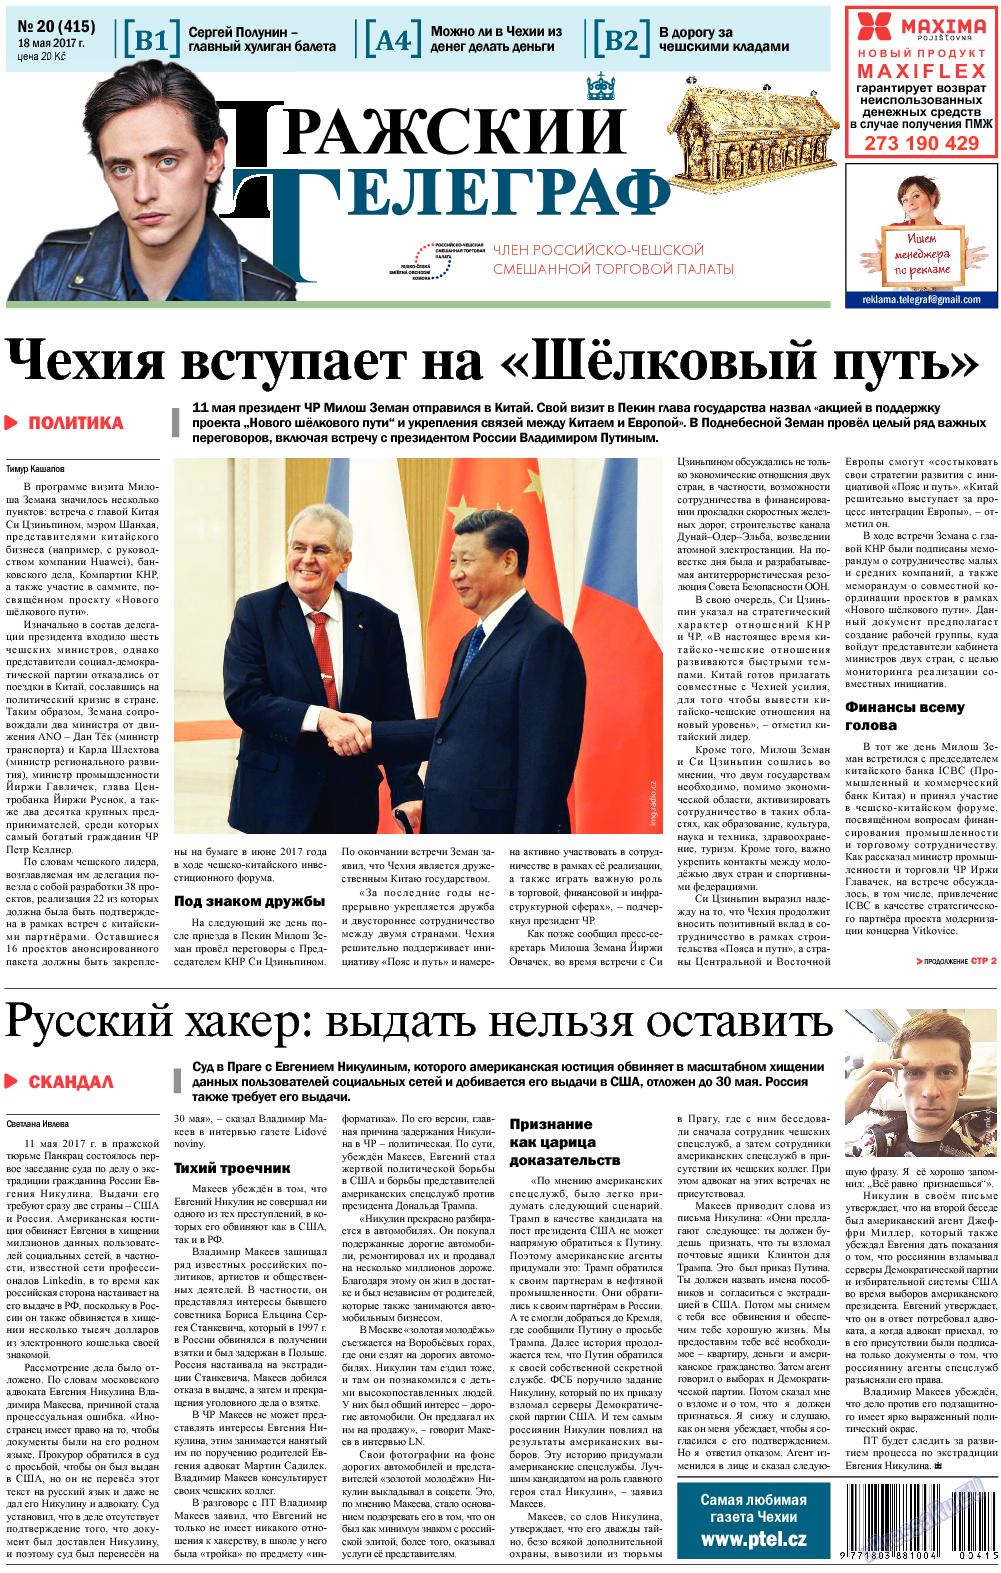 Пражский телеграф (газета). 2017 год, номер 20, стр. 1